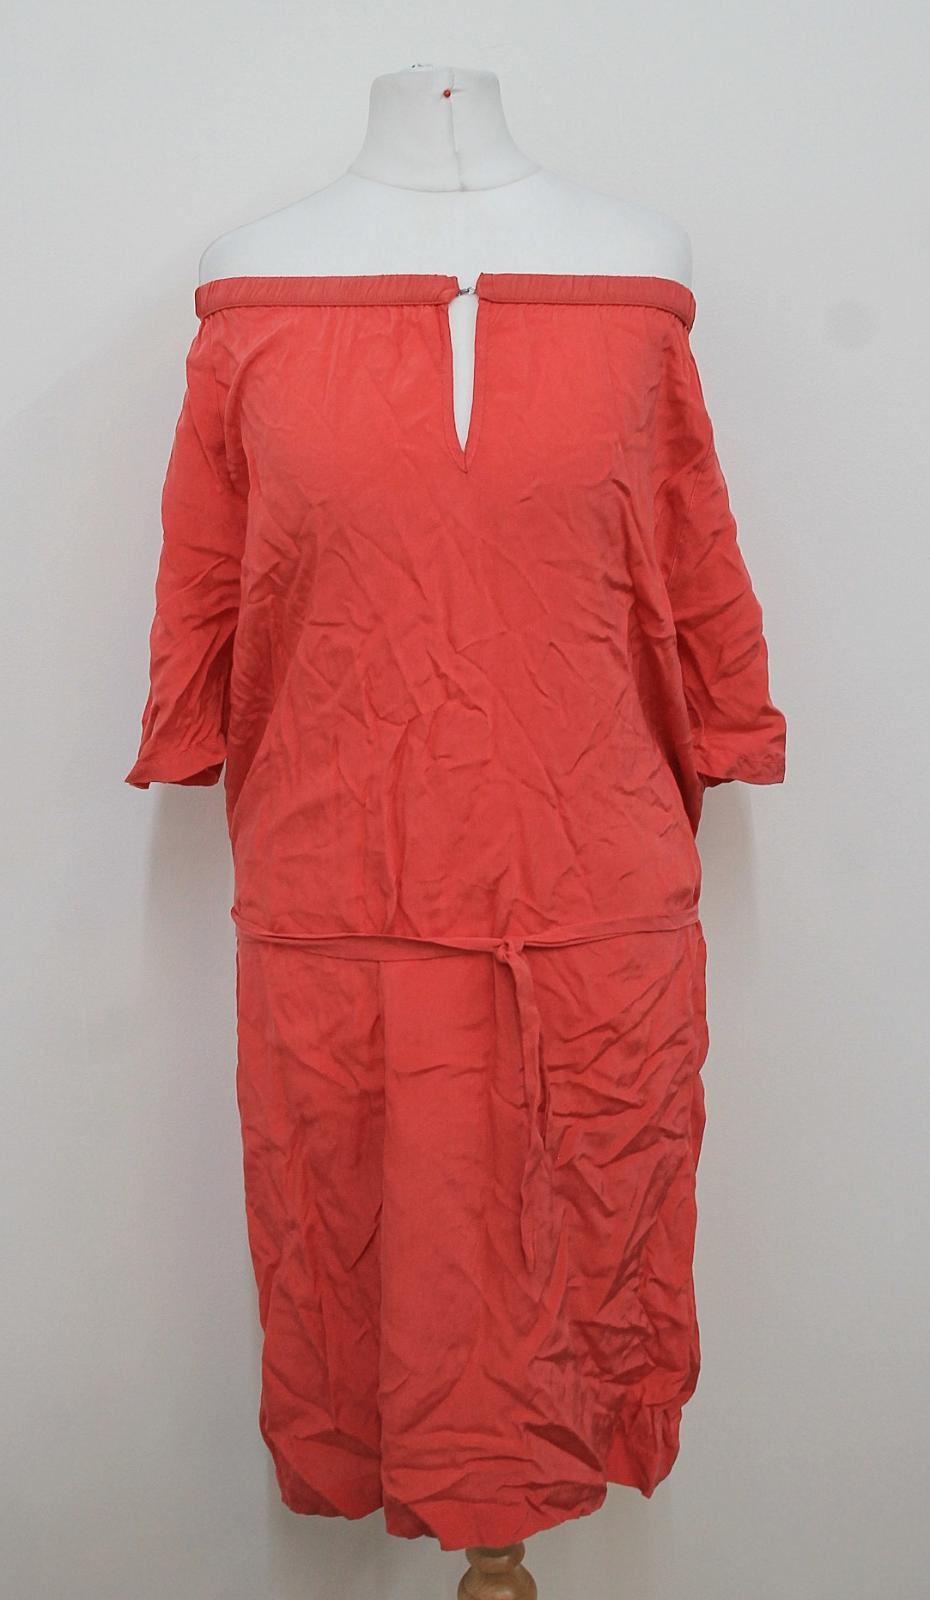 HUMANOID-Ladies-Coral-Pink-Short-Sleeved-Off-Shoulder-Neck-Shift-Dress-M